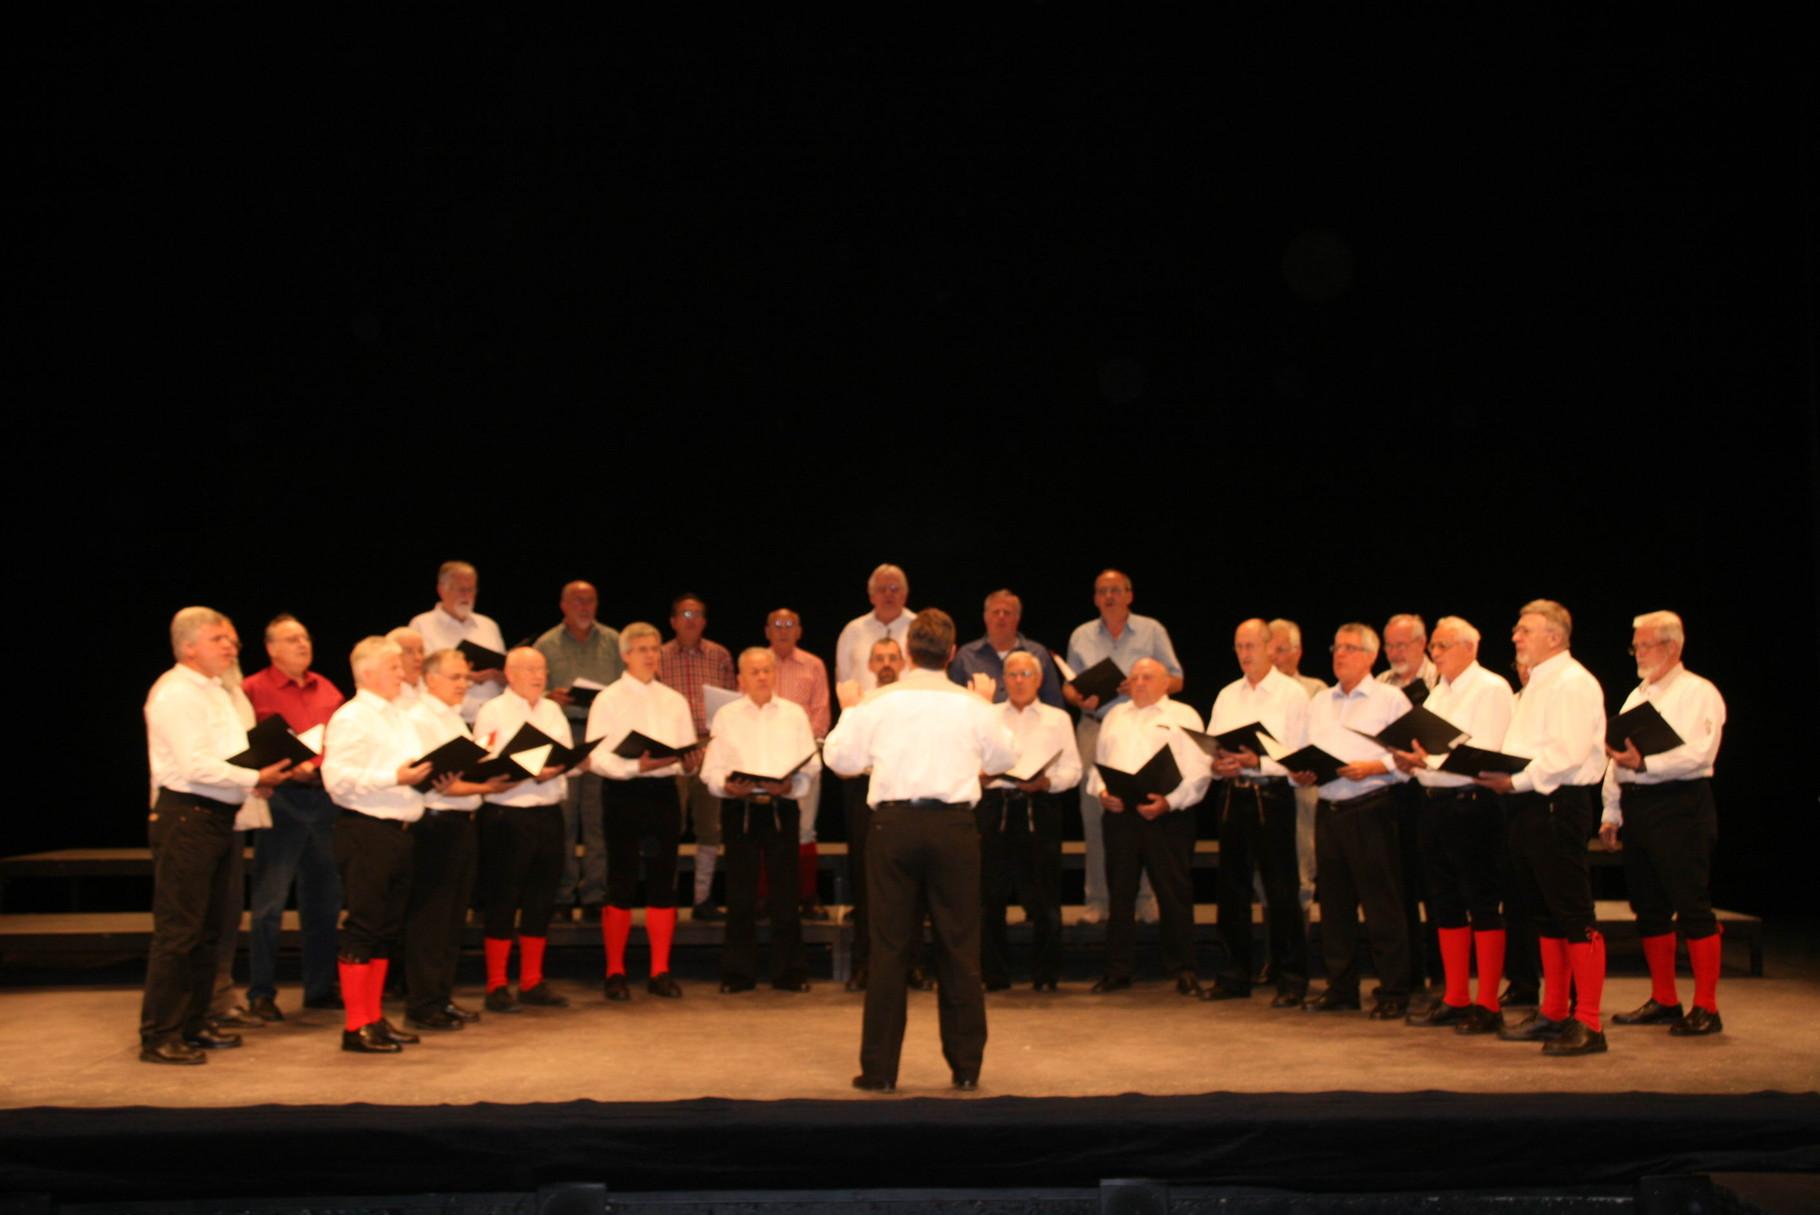 MännerProjektChor  MPC - Universität Johannesburg Südafrika - Theatersaal - 2007